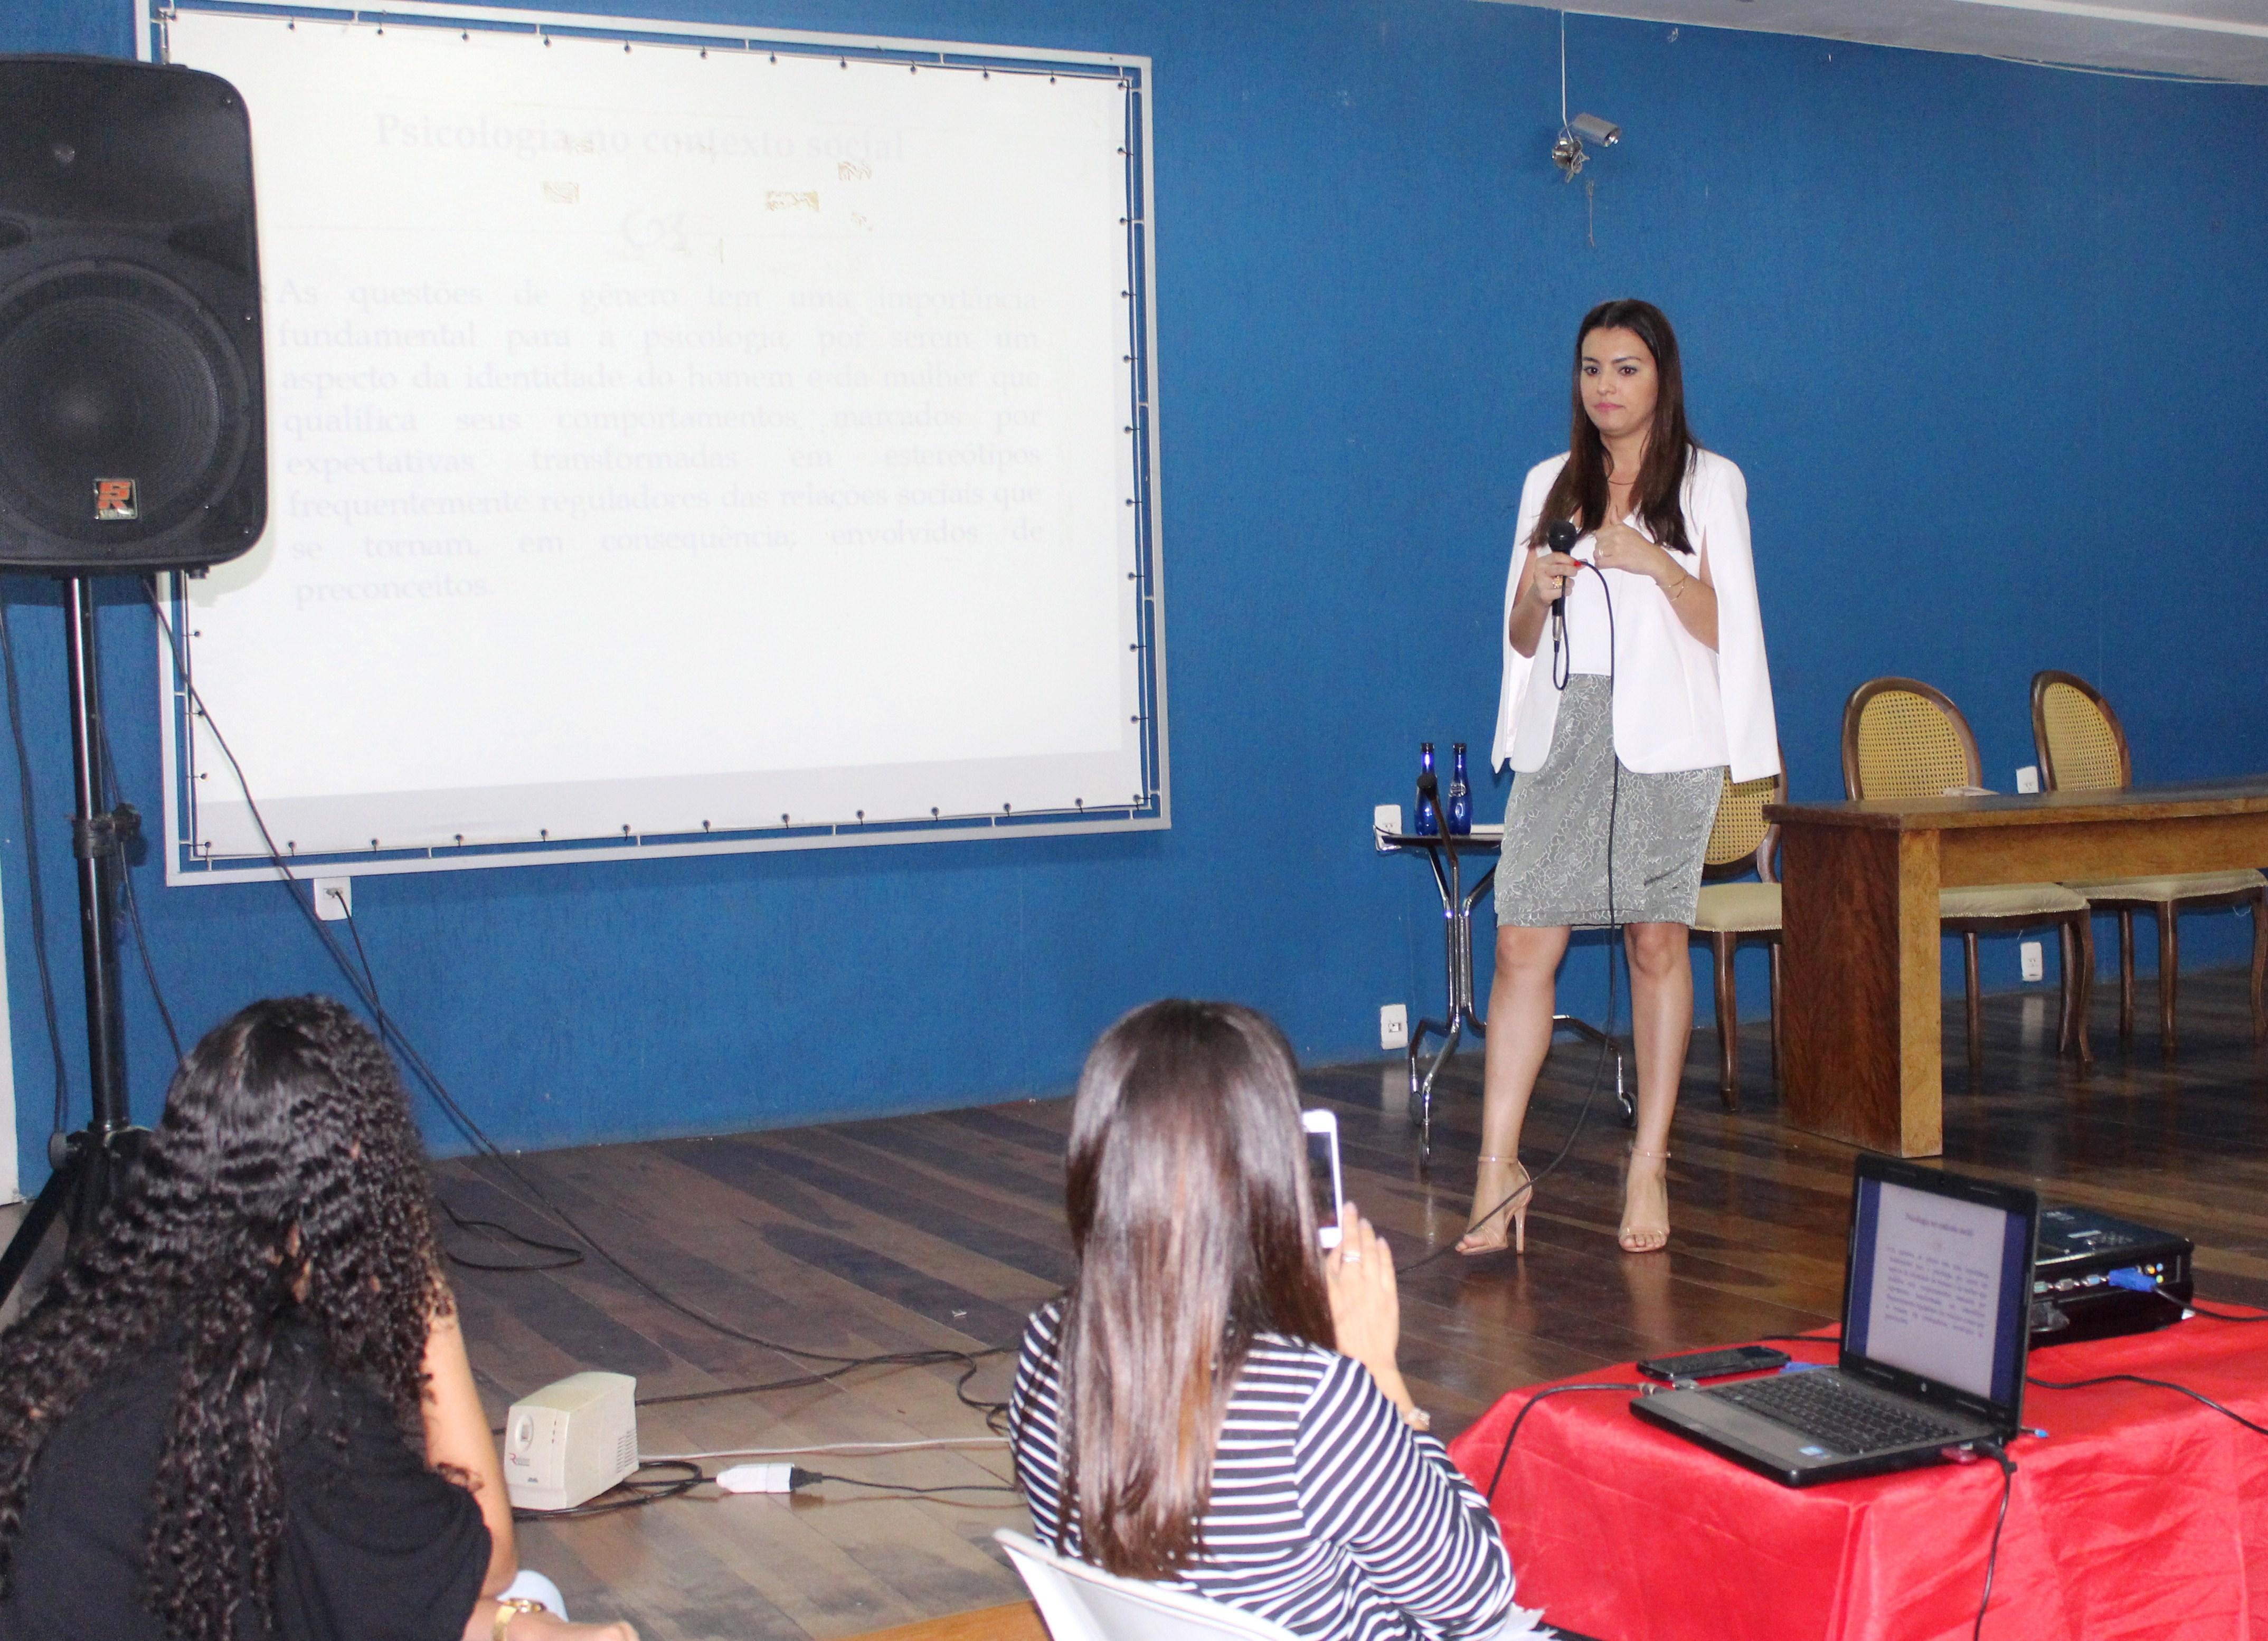 A psicóloga Kamila Carvalho alertou sobre as violências vividas pelas mulheres.